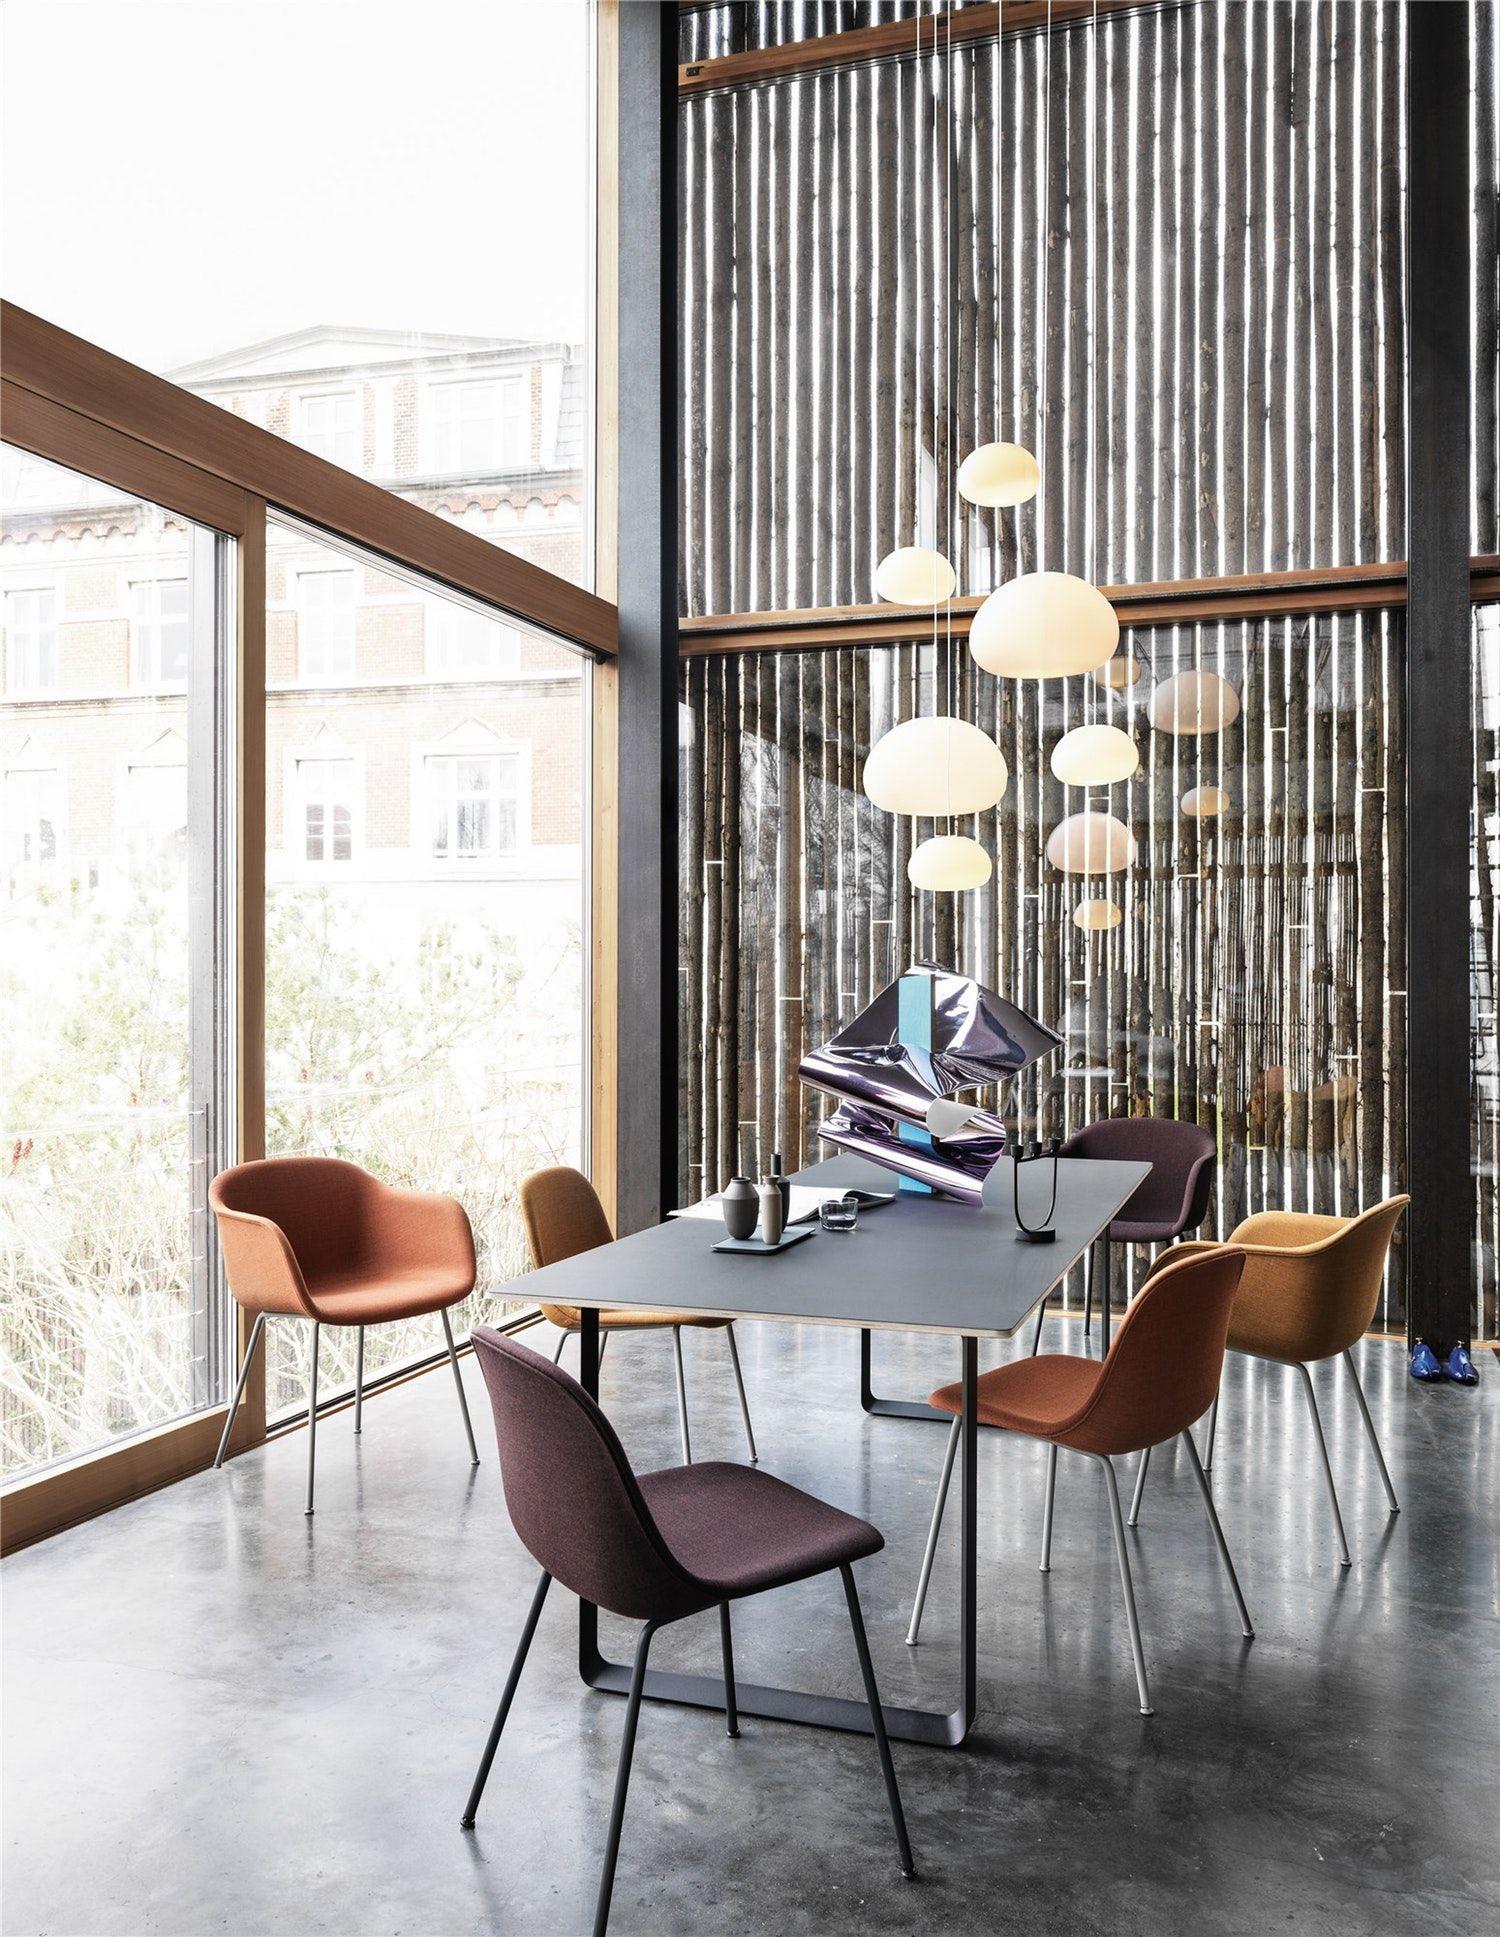 Verwonderlijk Light   Lamp   Interior inspiration   Interieur inspiratie BG-33